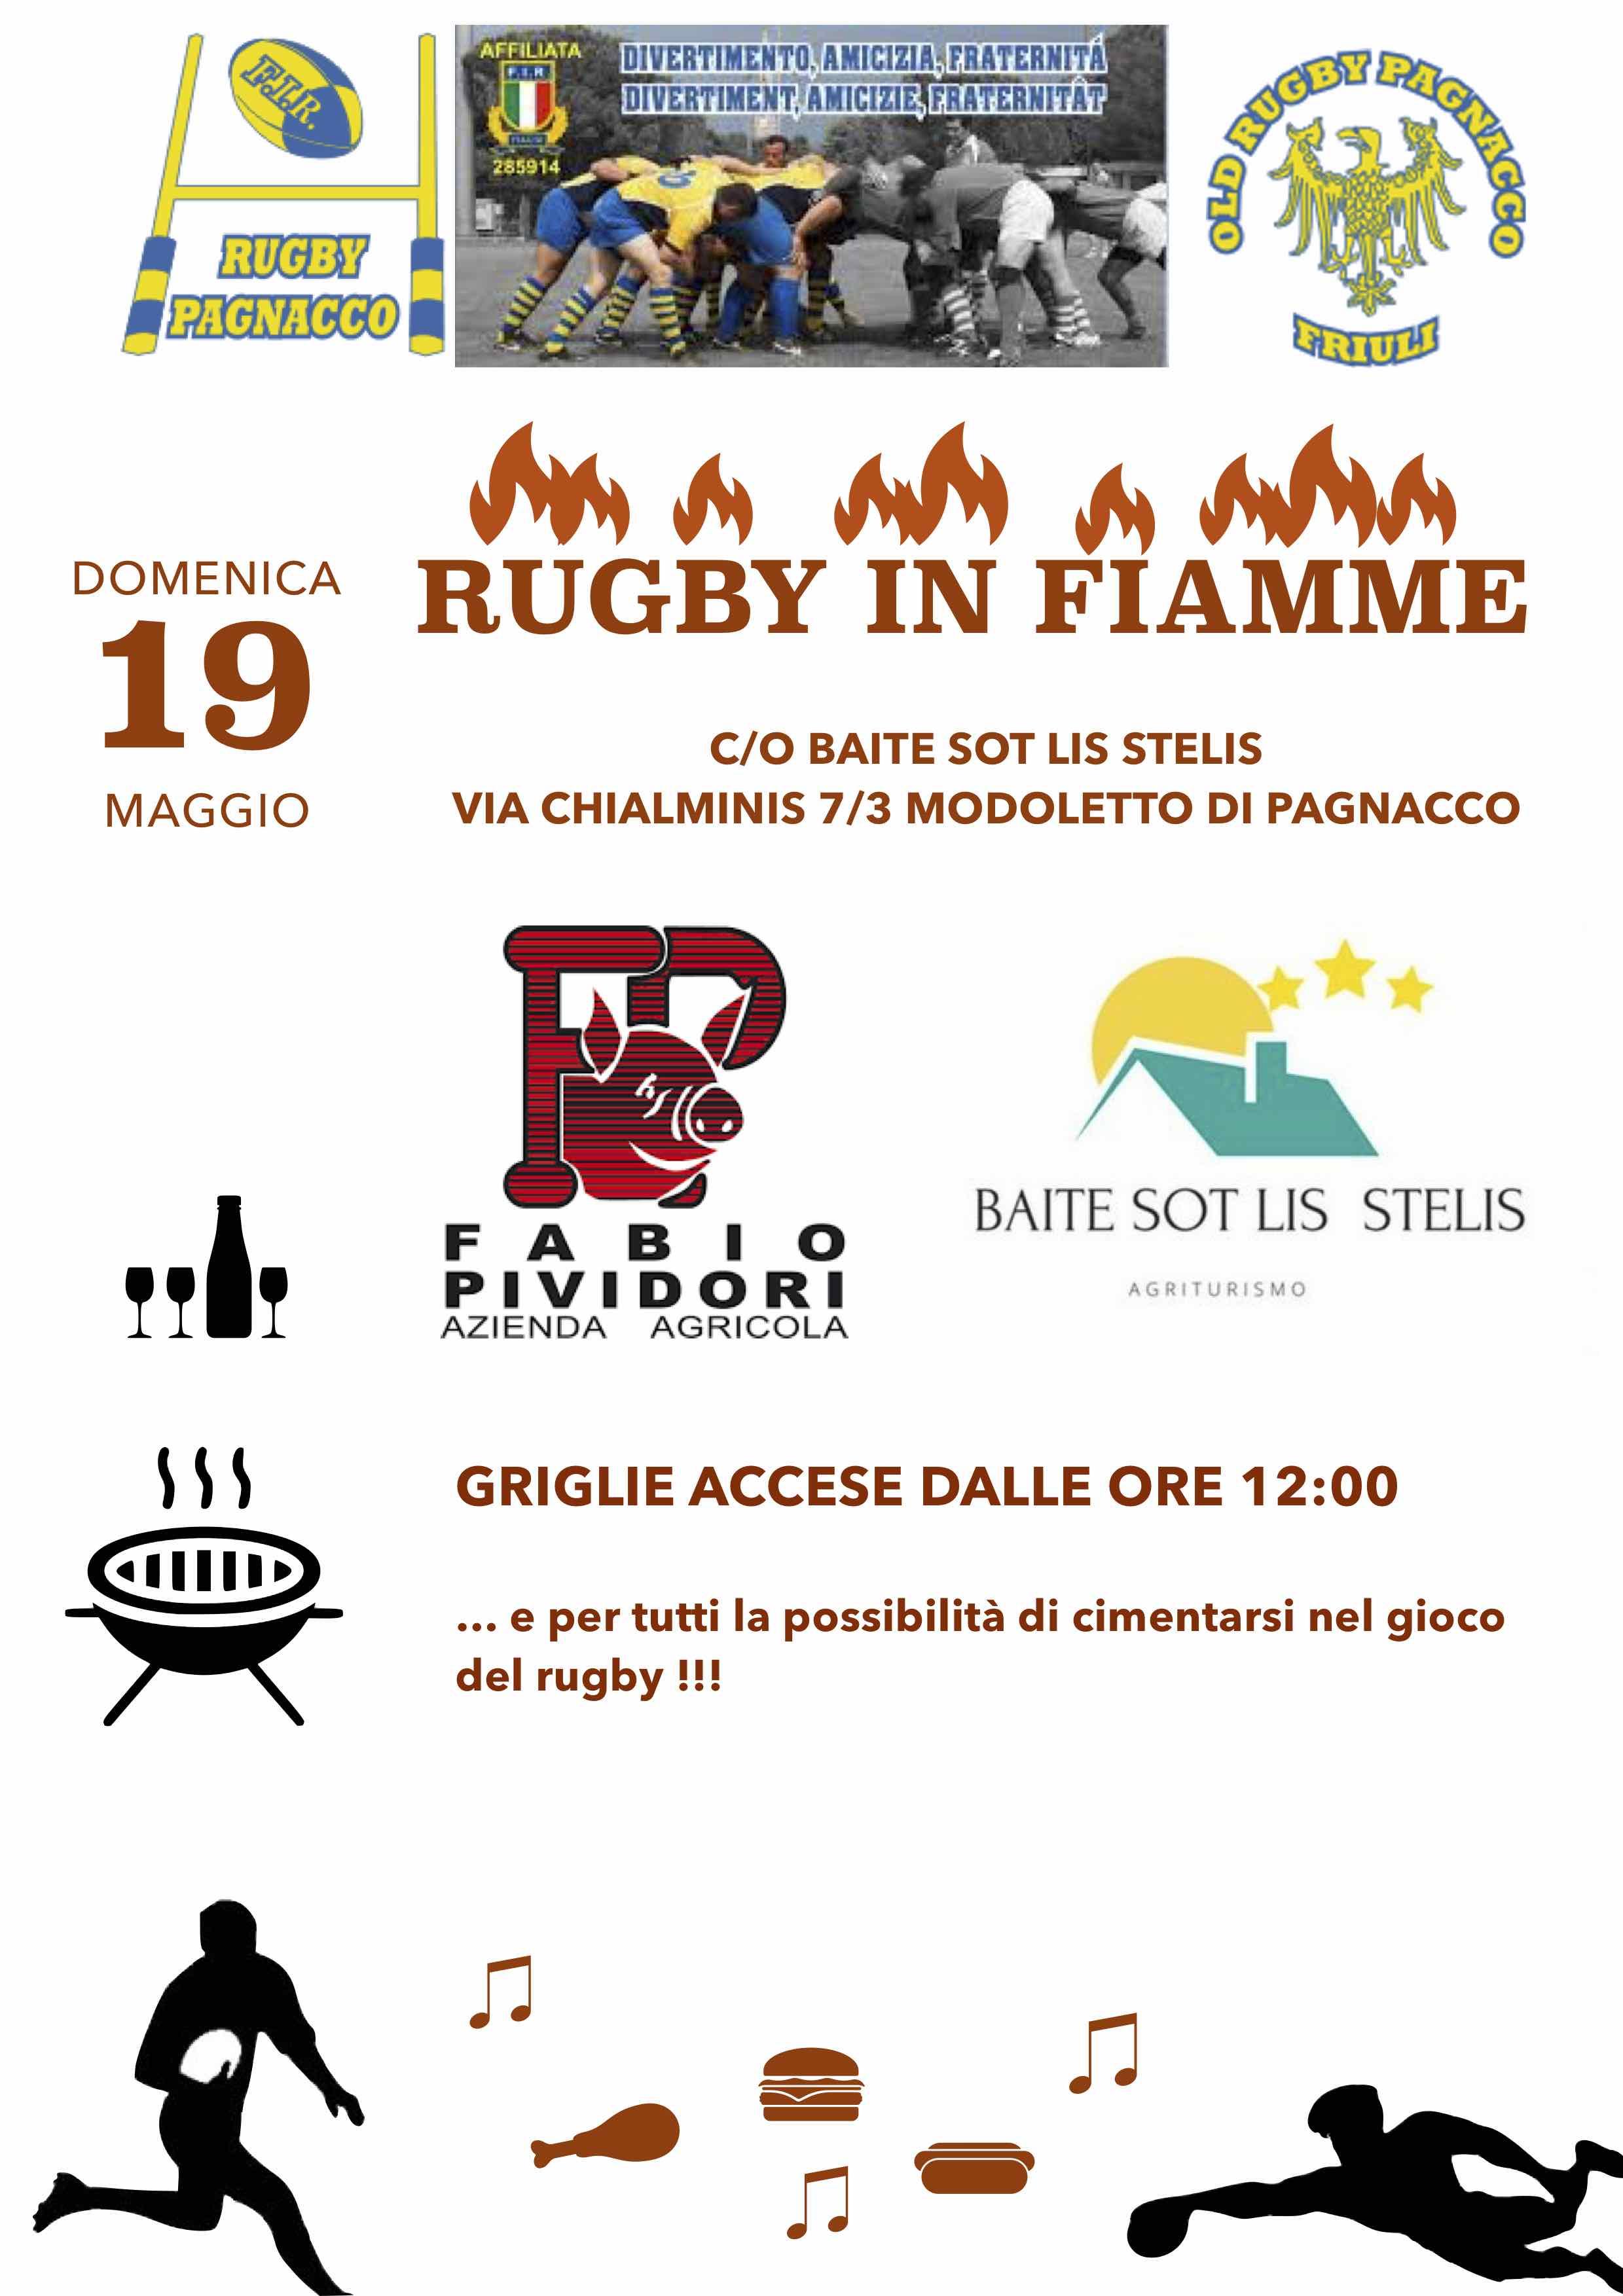 Festa del rugby: domenica 19 maggio dalle 10 in poi